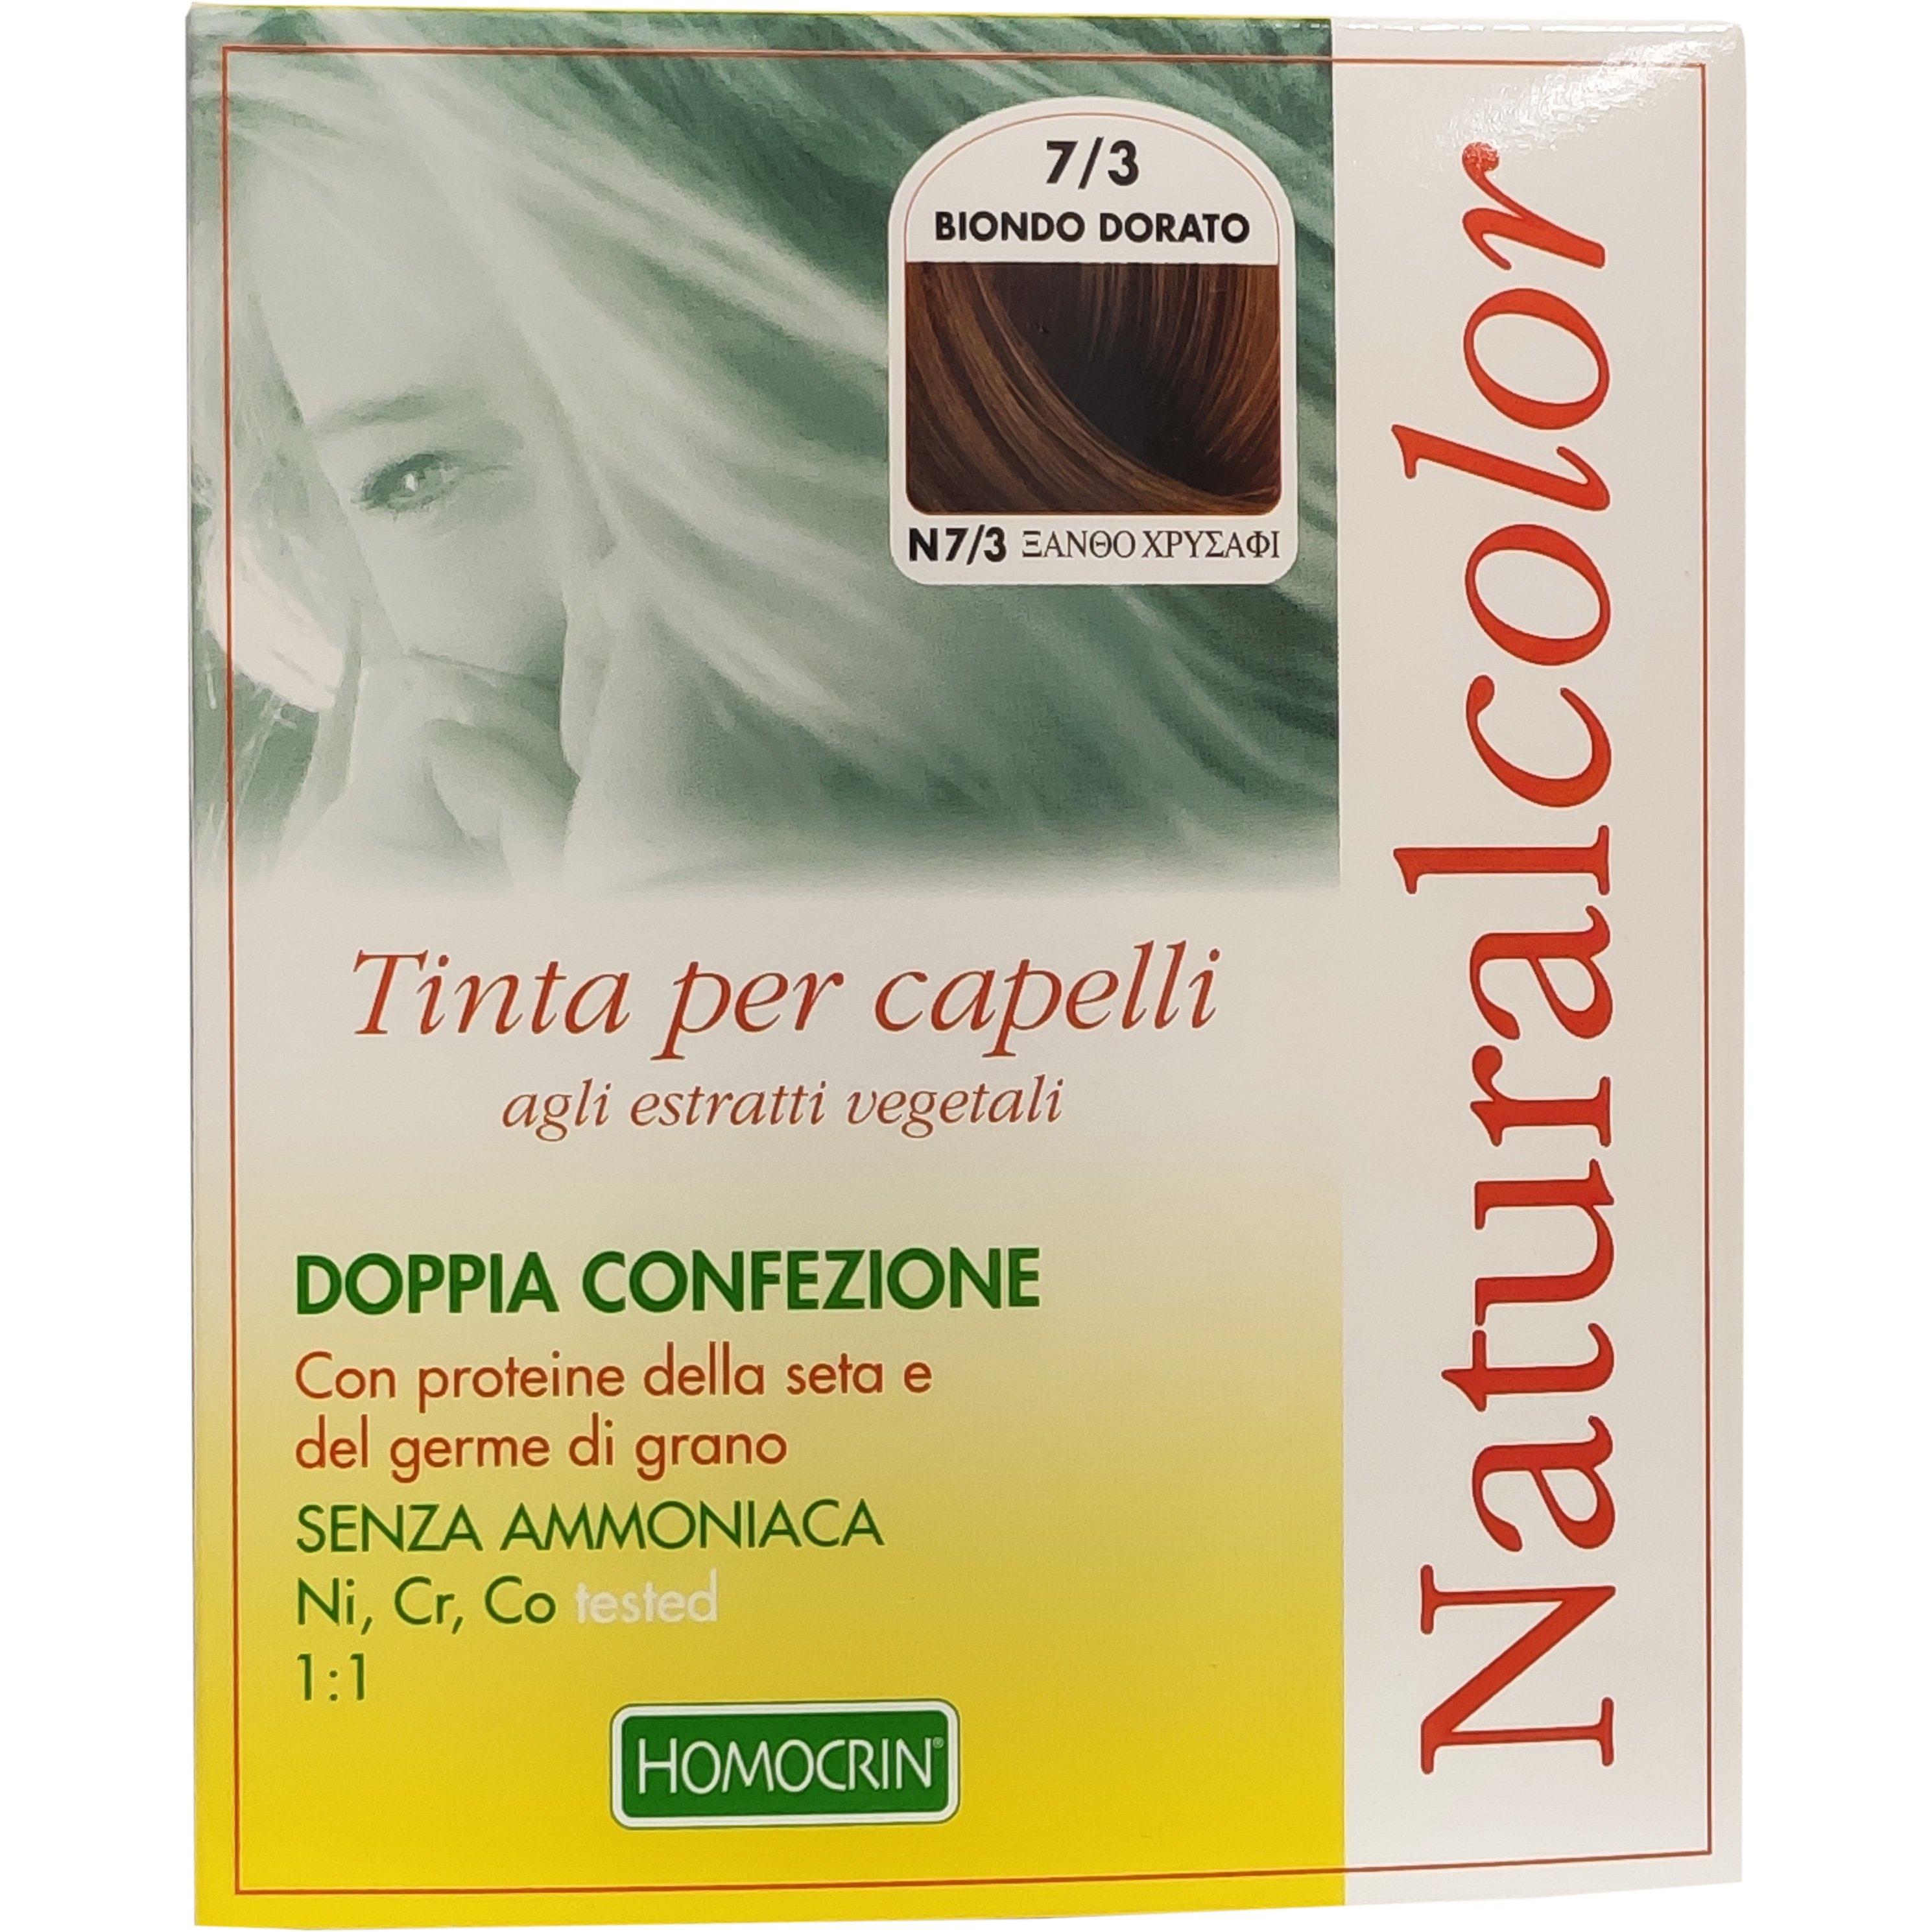 Specchiasol Homocrin Natural Color Φυτική Βαφή Μαλλιών Χωρίς Αμμωνία 1 Τεμάχιο – Ν7/3 Ξανθό Χρυσαφί